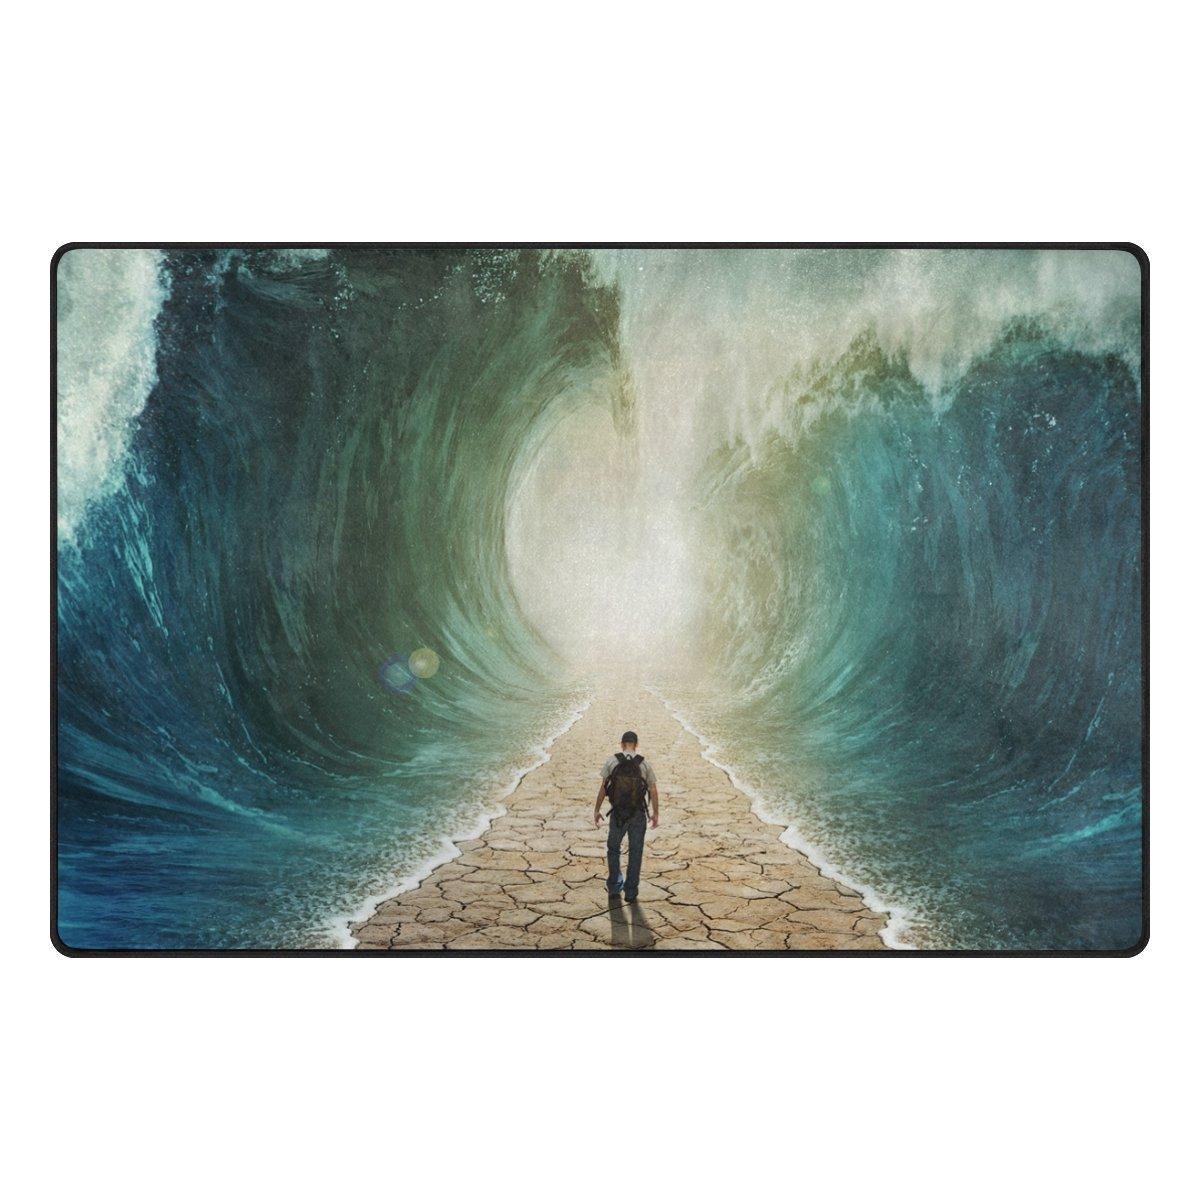 Bennigiry Rango de andar por agua Alfombra antideslizante Diario de DF920felpudos para salón dormitorio 78,7x 50,8cm, poliéster, multicolor, 31 x 20 inch